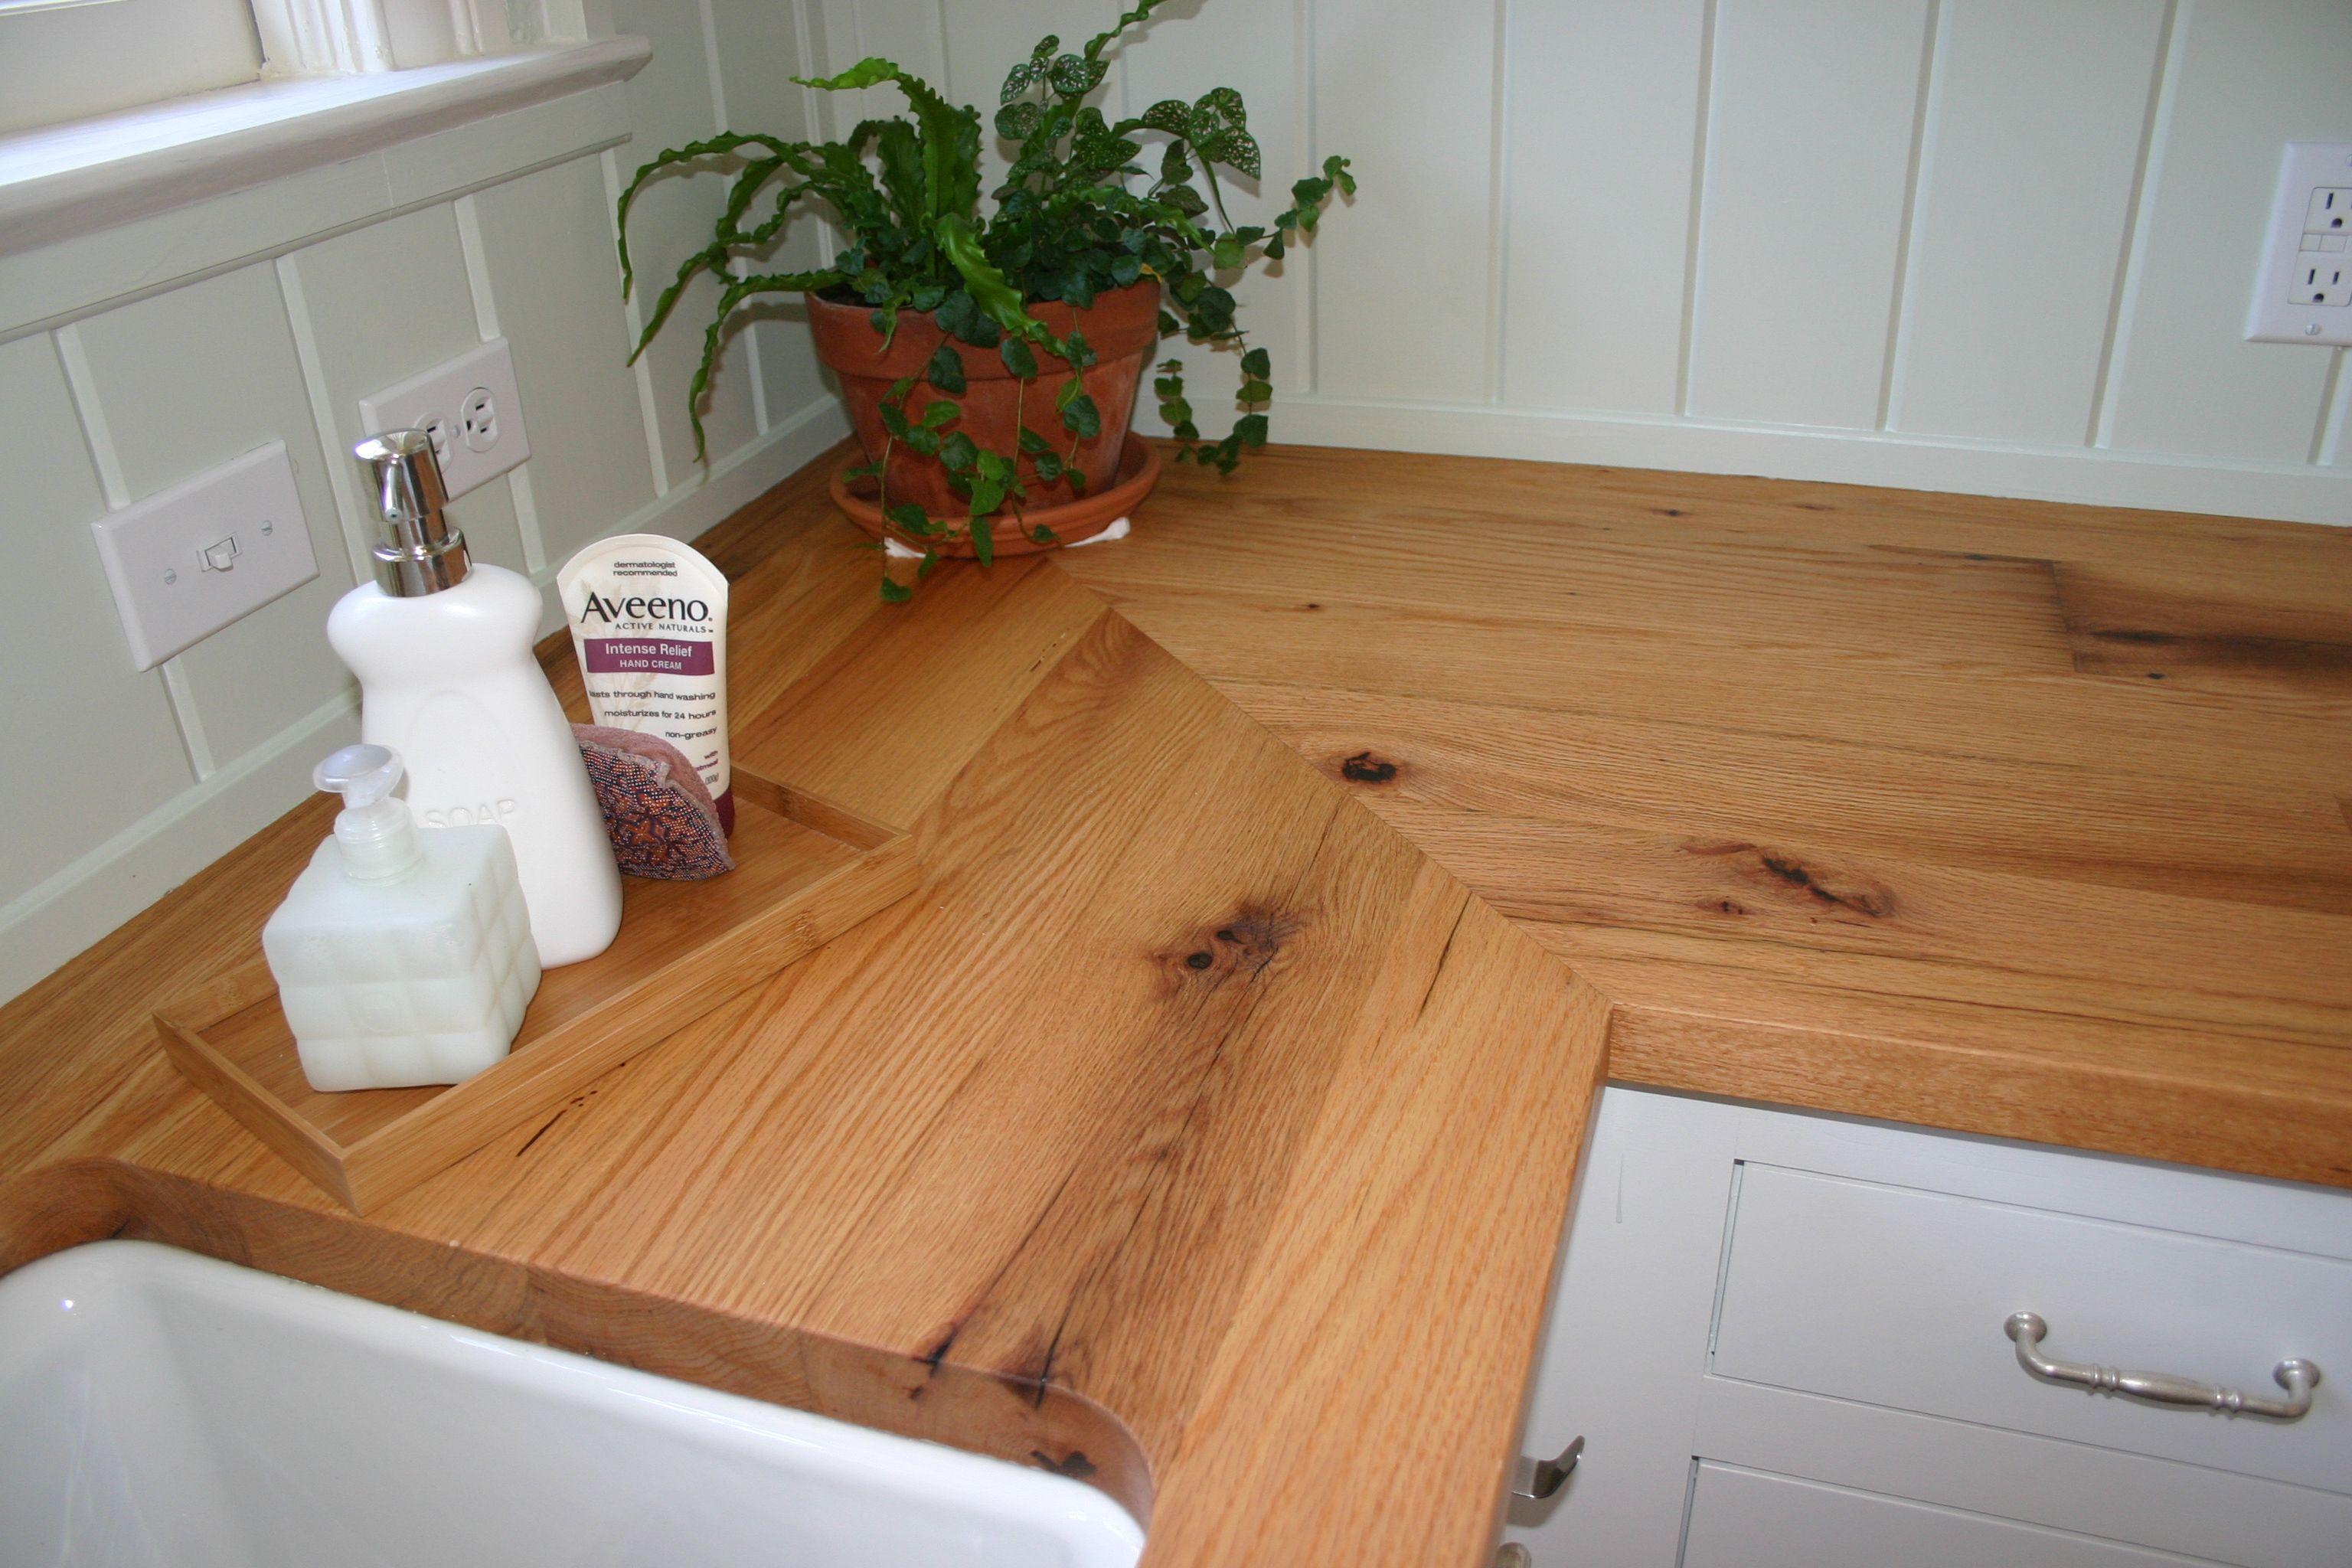 Custom Solid Wood Counter Top Face Grain Reclaimed Red Oak Wood Grain Laminate Countertops Laminate Countertops Wood Countertops